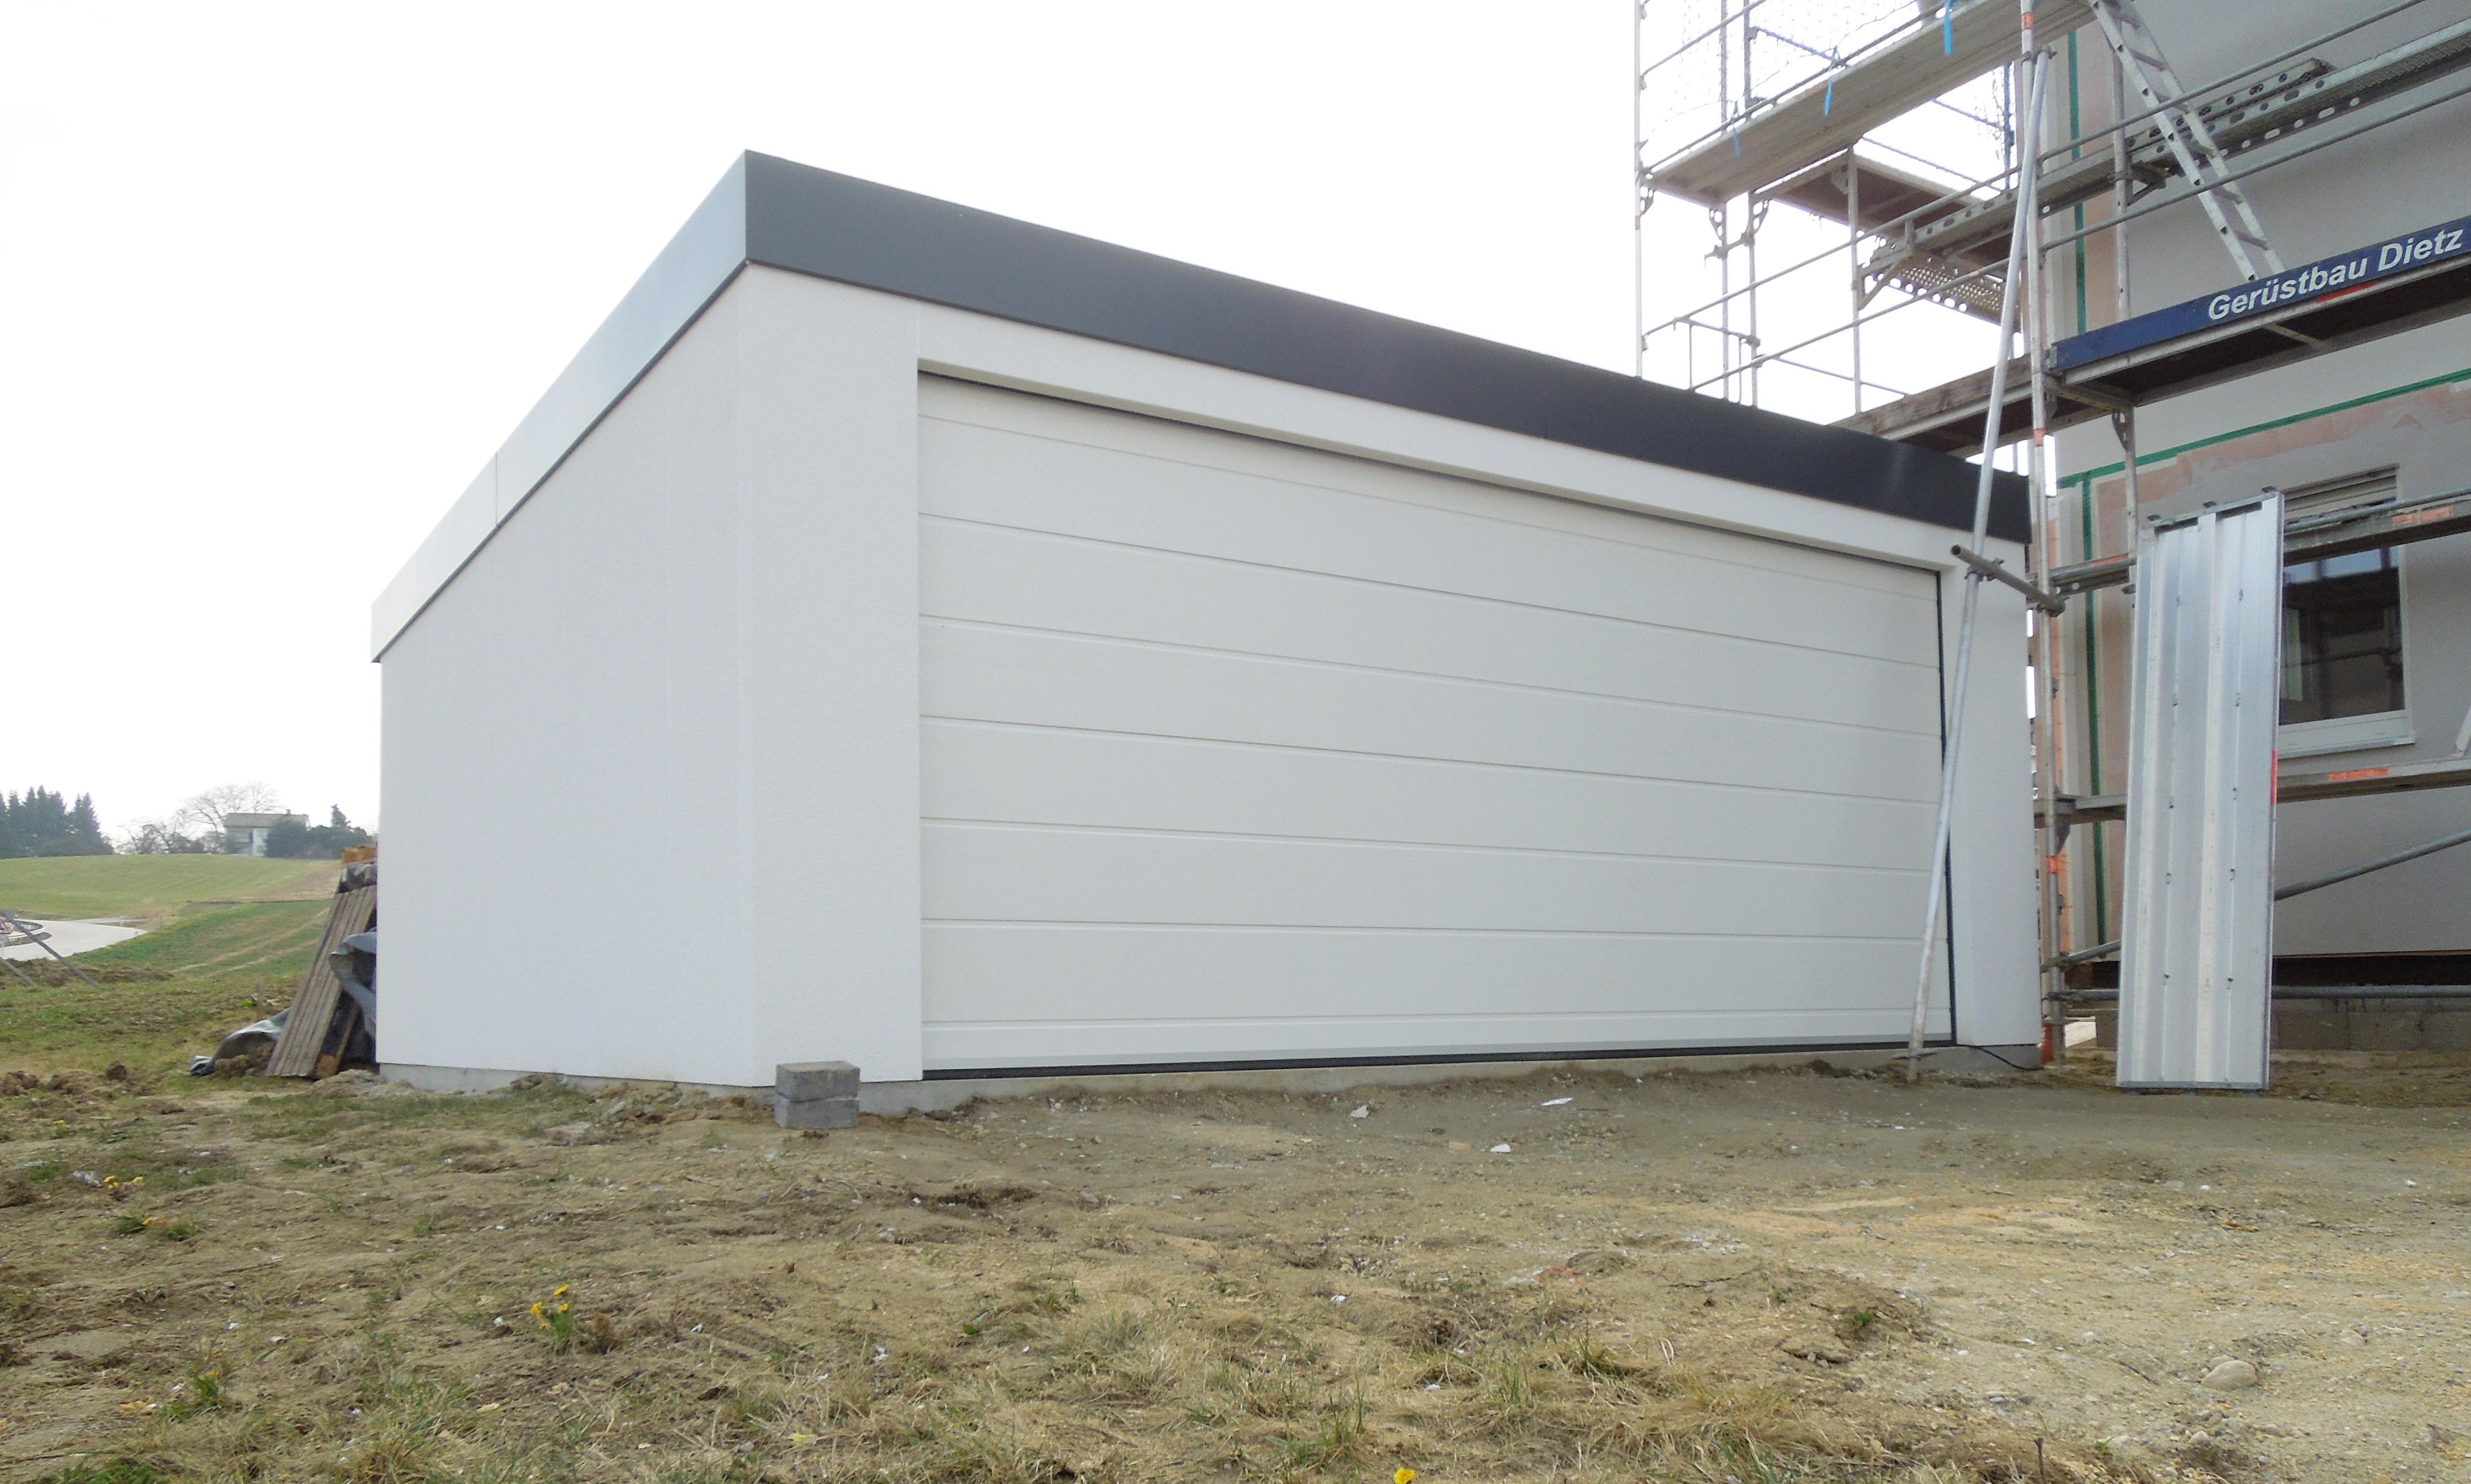 Fertiggarage 6x6m großraumgarage garage 6x6m in holzständerbauweise mit sektionaltor